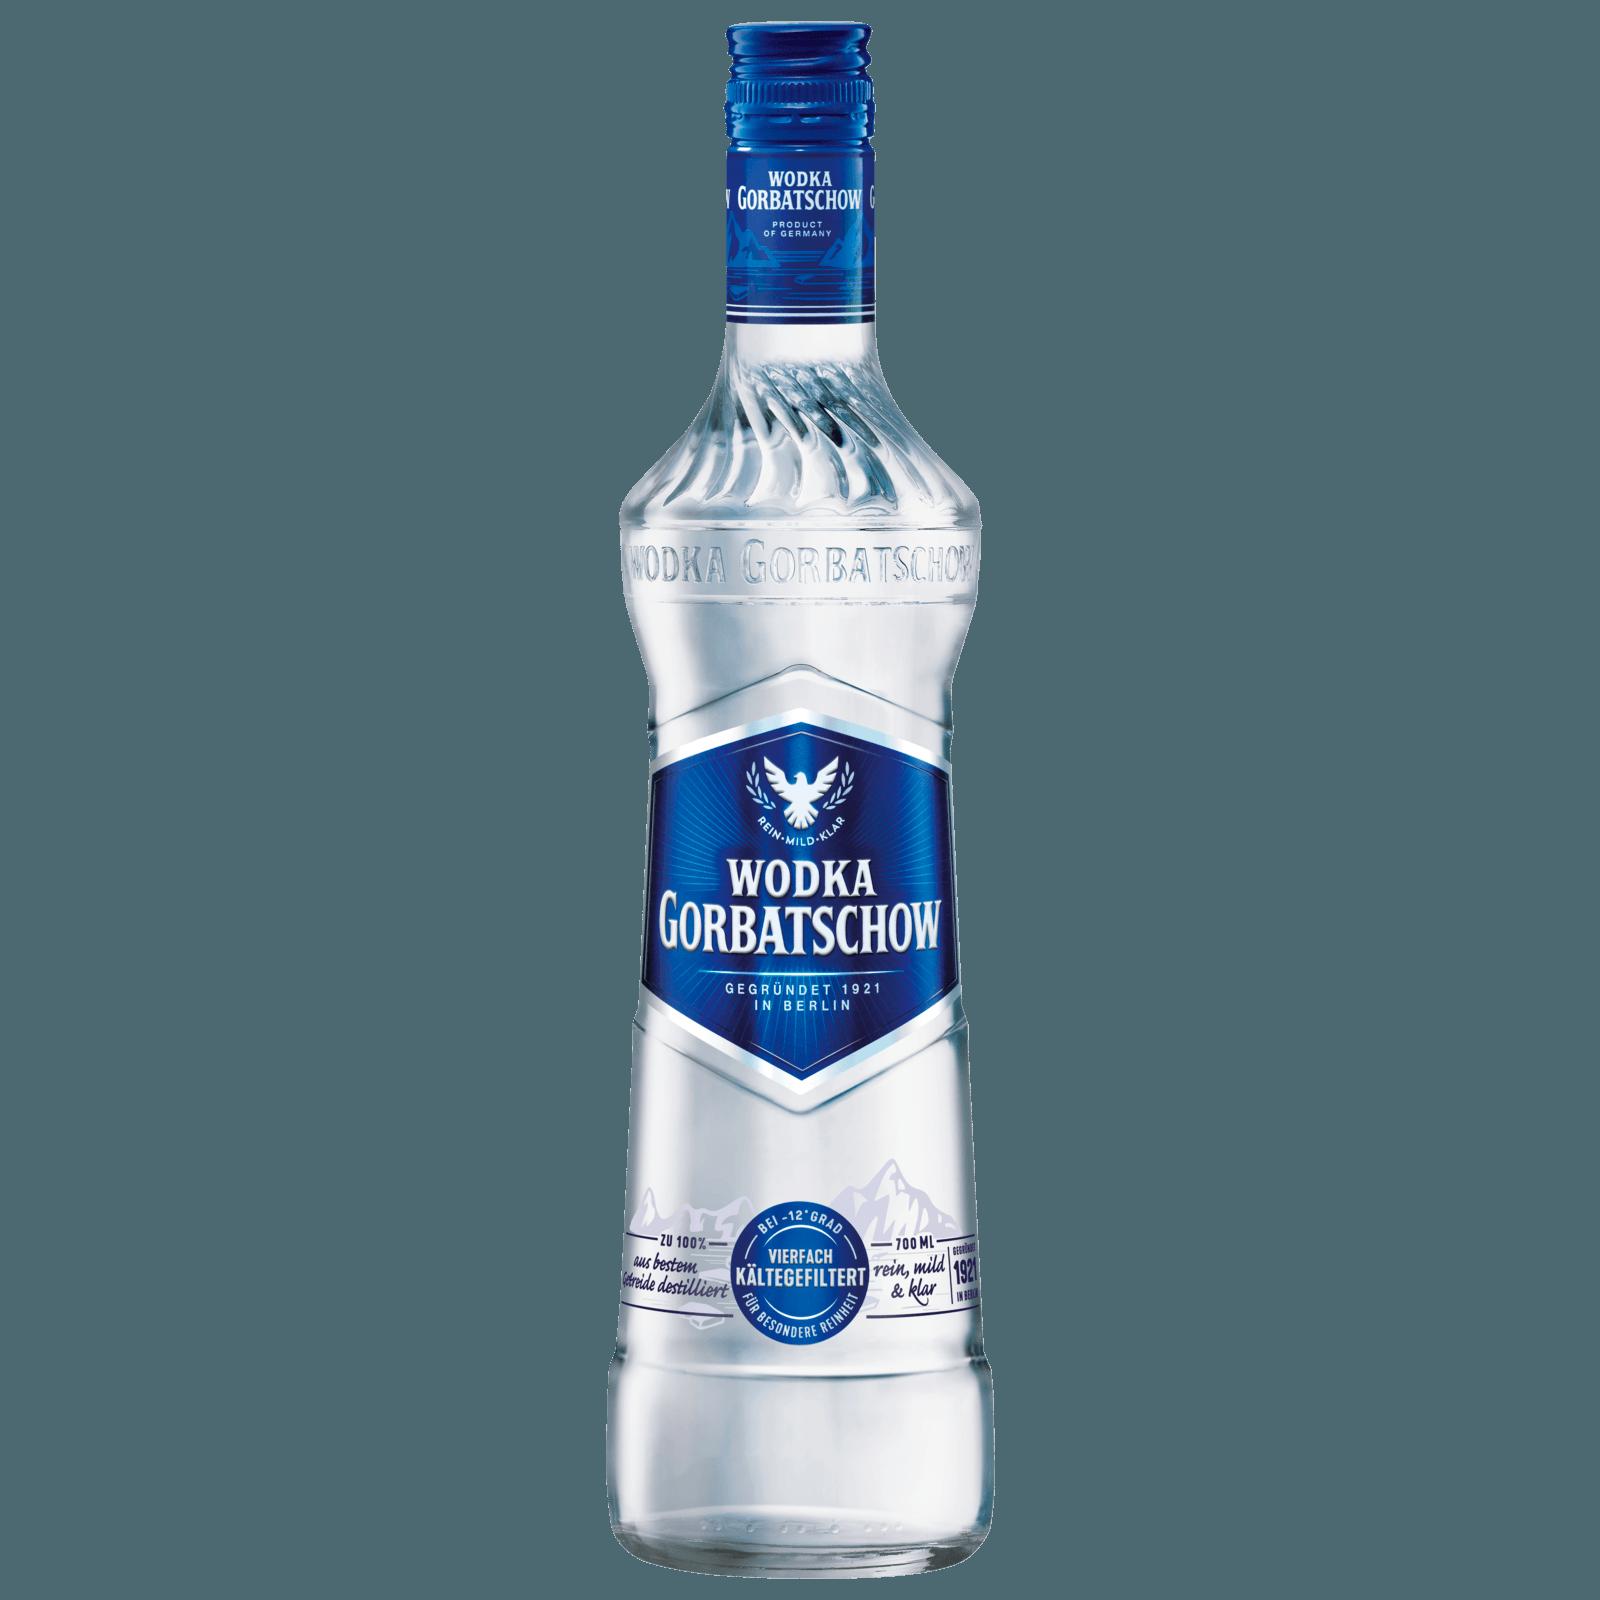 Wodka Gorbatschow 07l Bei Rewe Online Bestellen